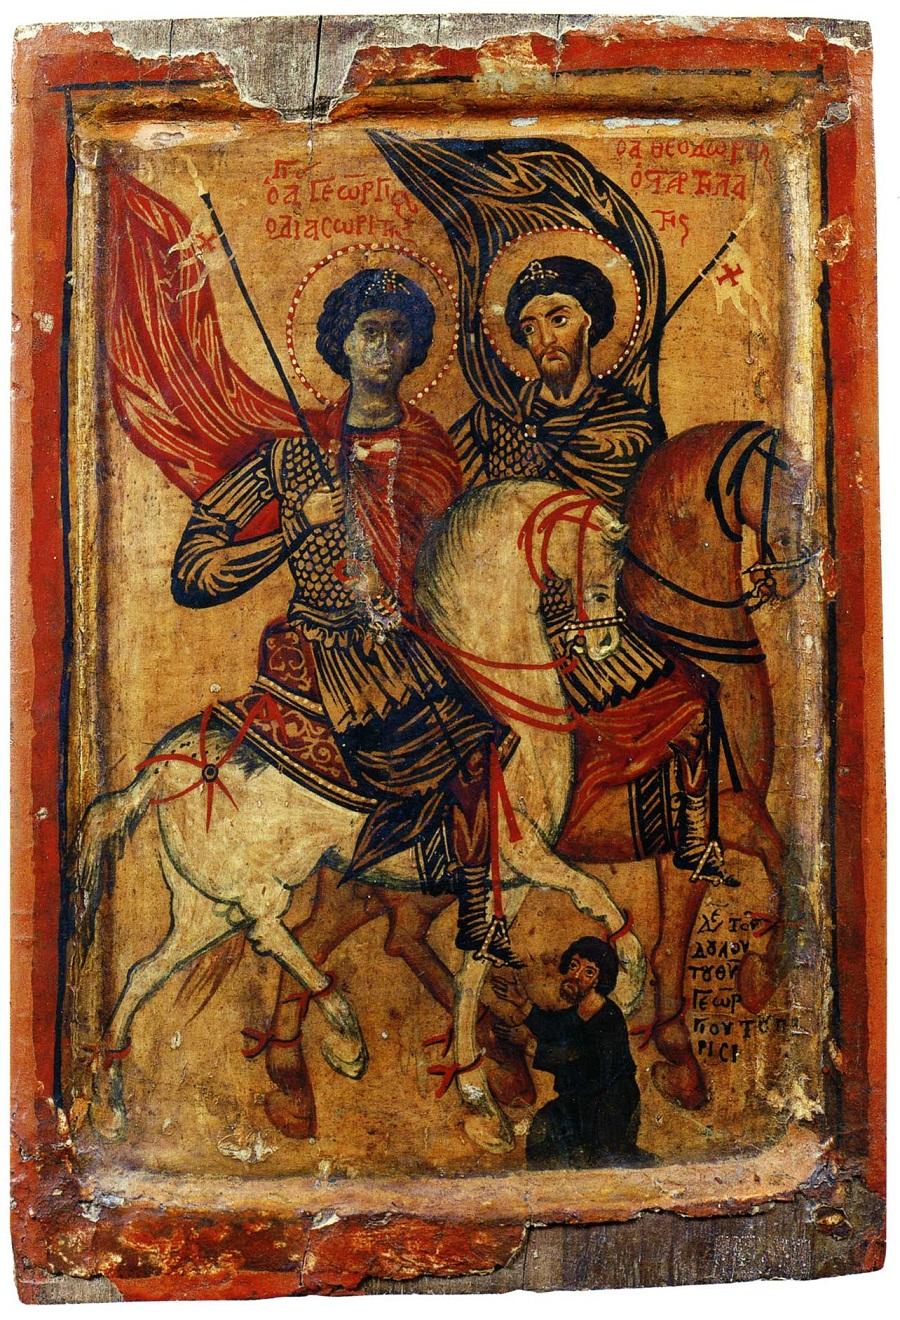 Георгий Диасорит и Феодор Стратилат на конях. Ок. 1260-х гг. Монастырь св. Екатерины, Синай, Египет